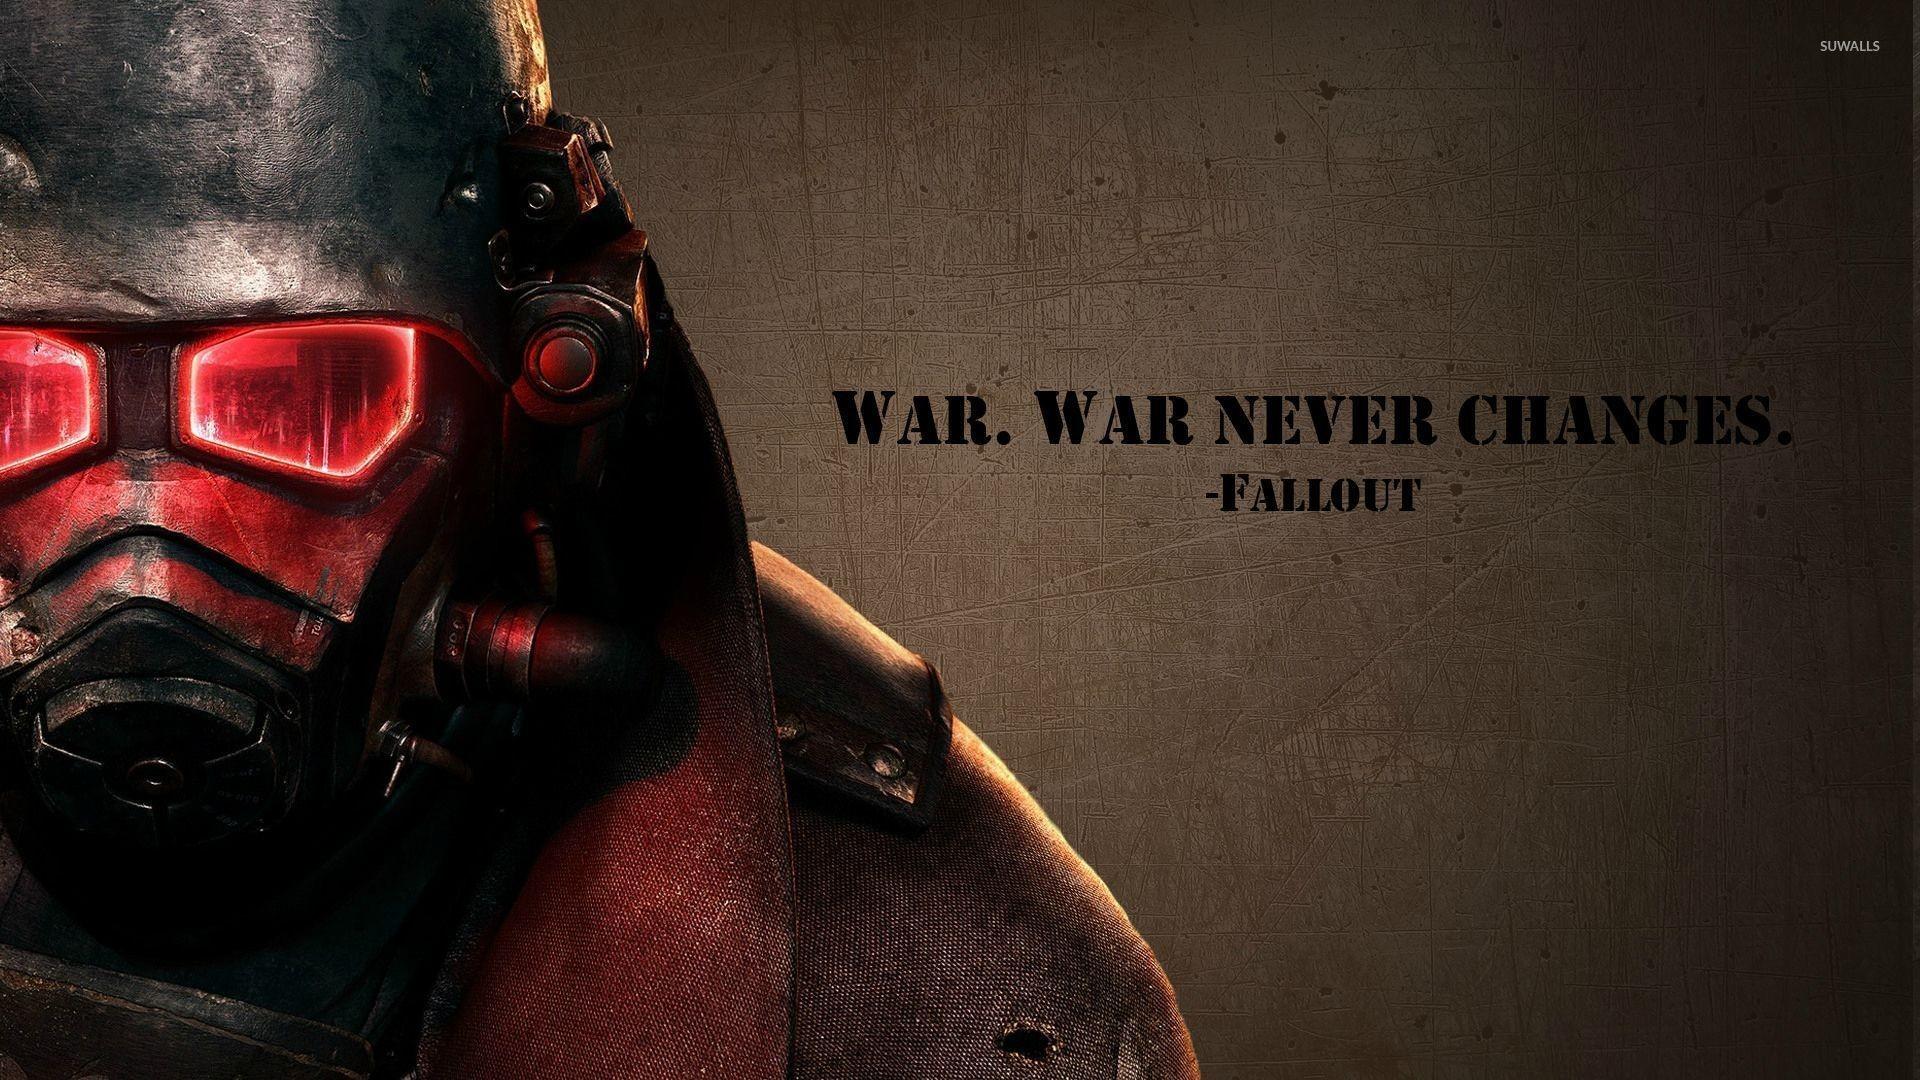 War never changes – Fallout wallpaper jpg